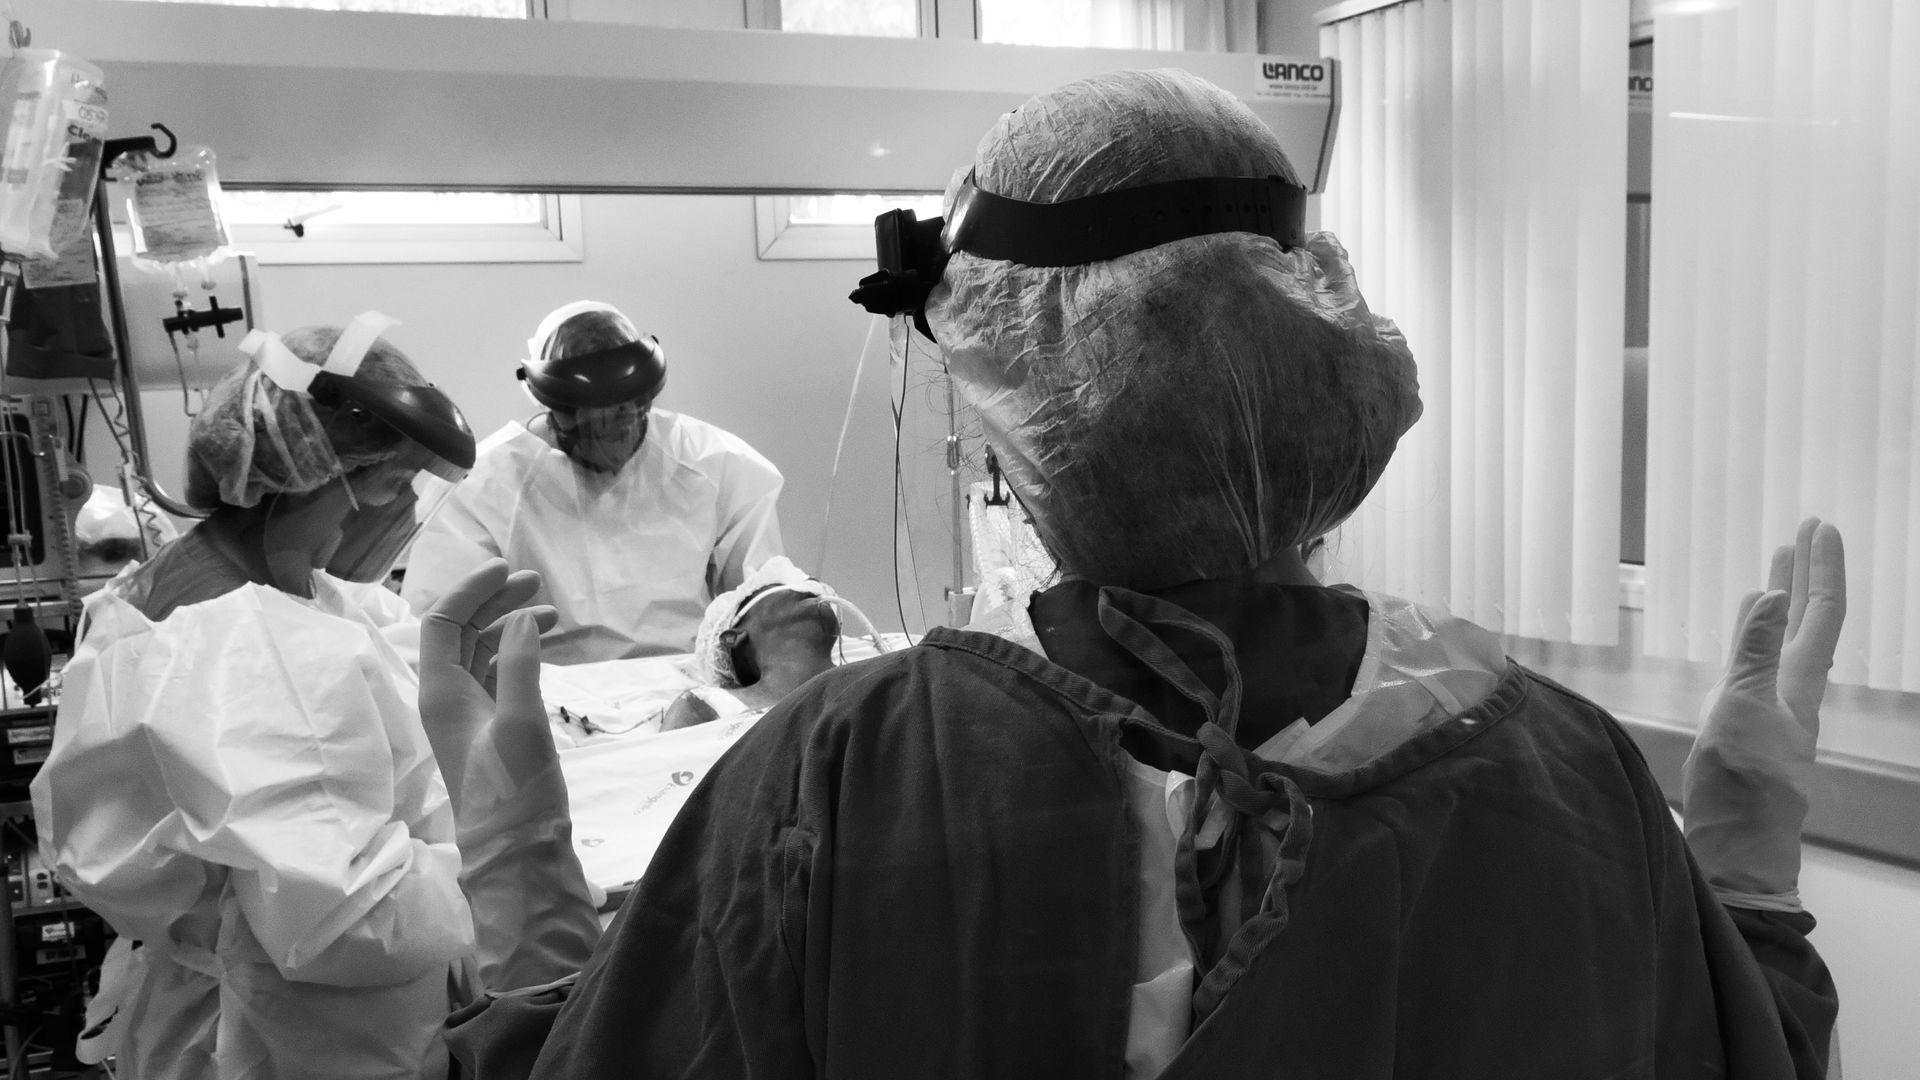 Médico se preparam para um pequeno procedimento cirúrgico